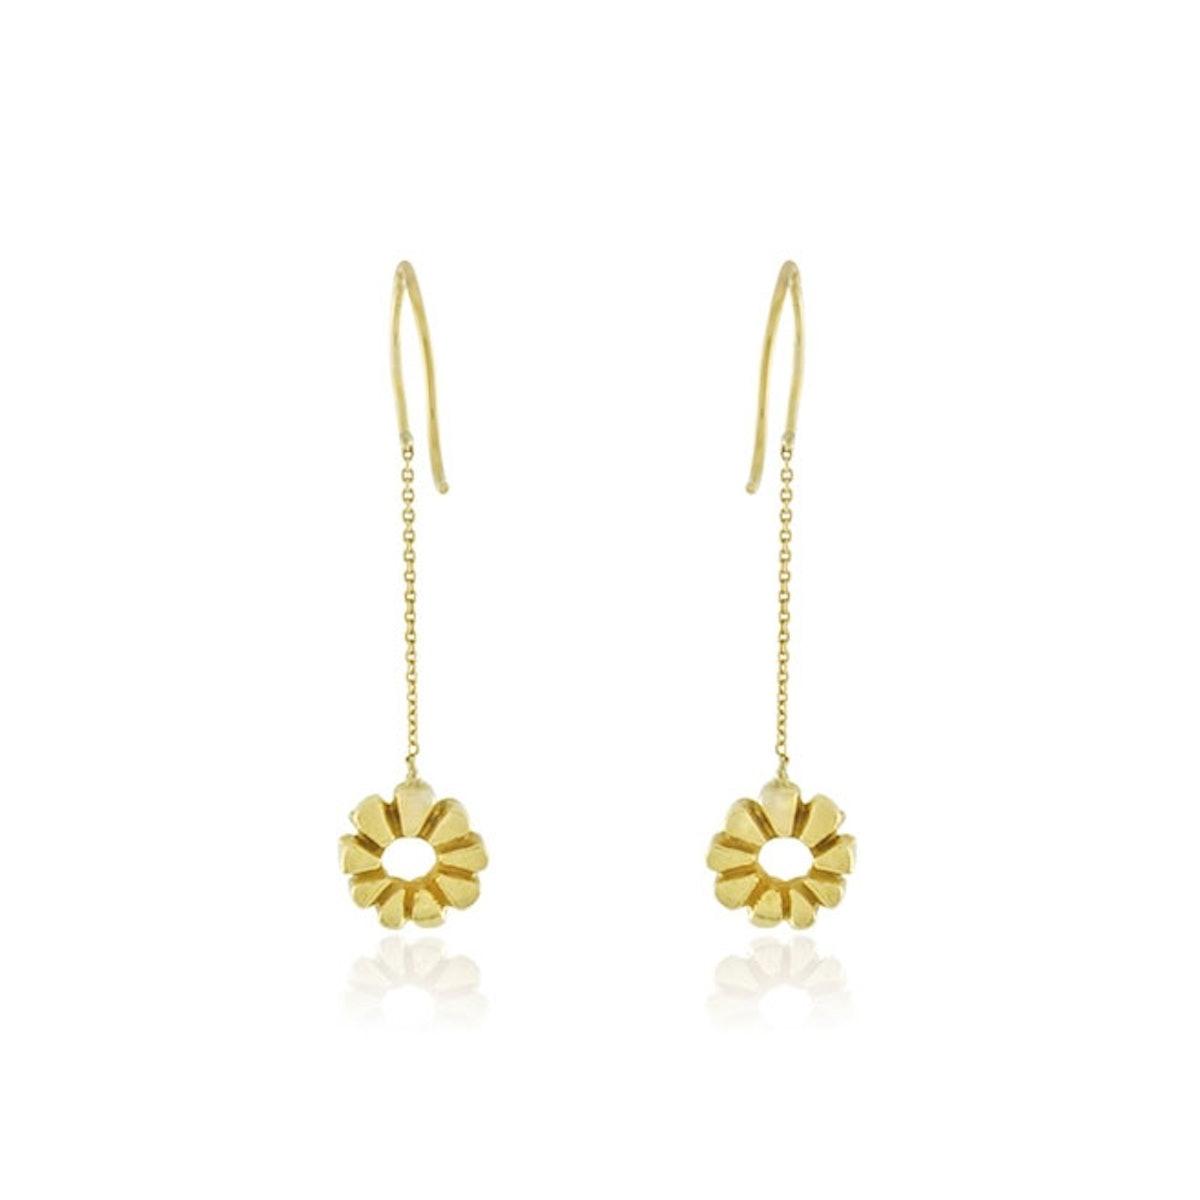 Elisa Solomon 18K gold earrings